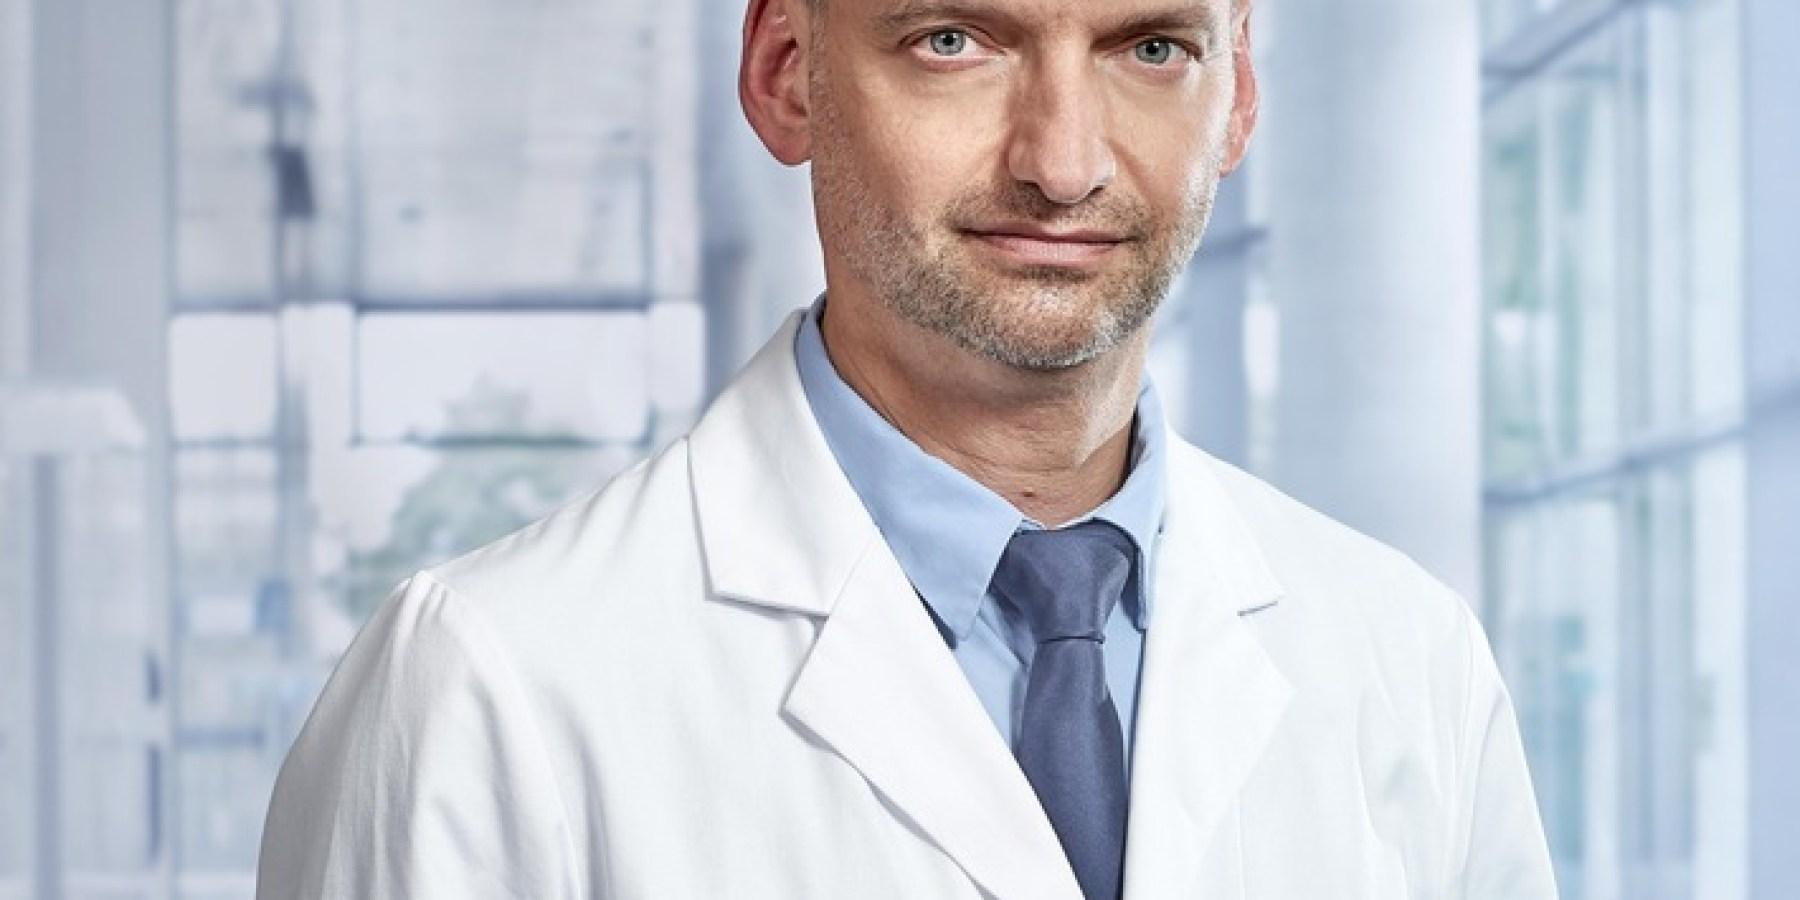 Herzinfarktpatient*innen kamen in der Coronavirus-Pandemie oft zu spät in die Klinik